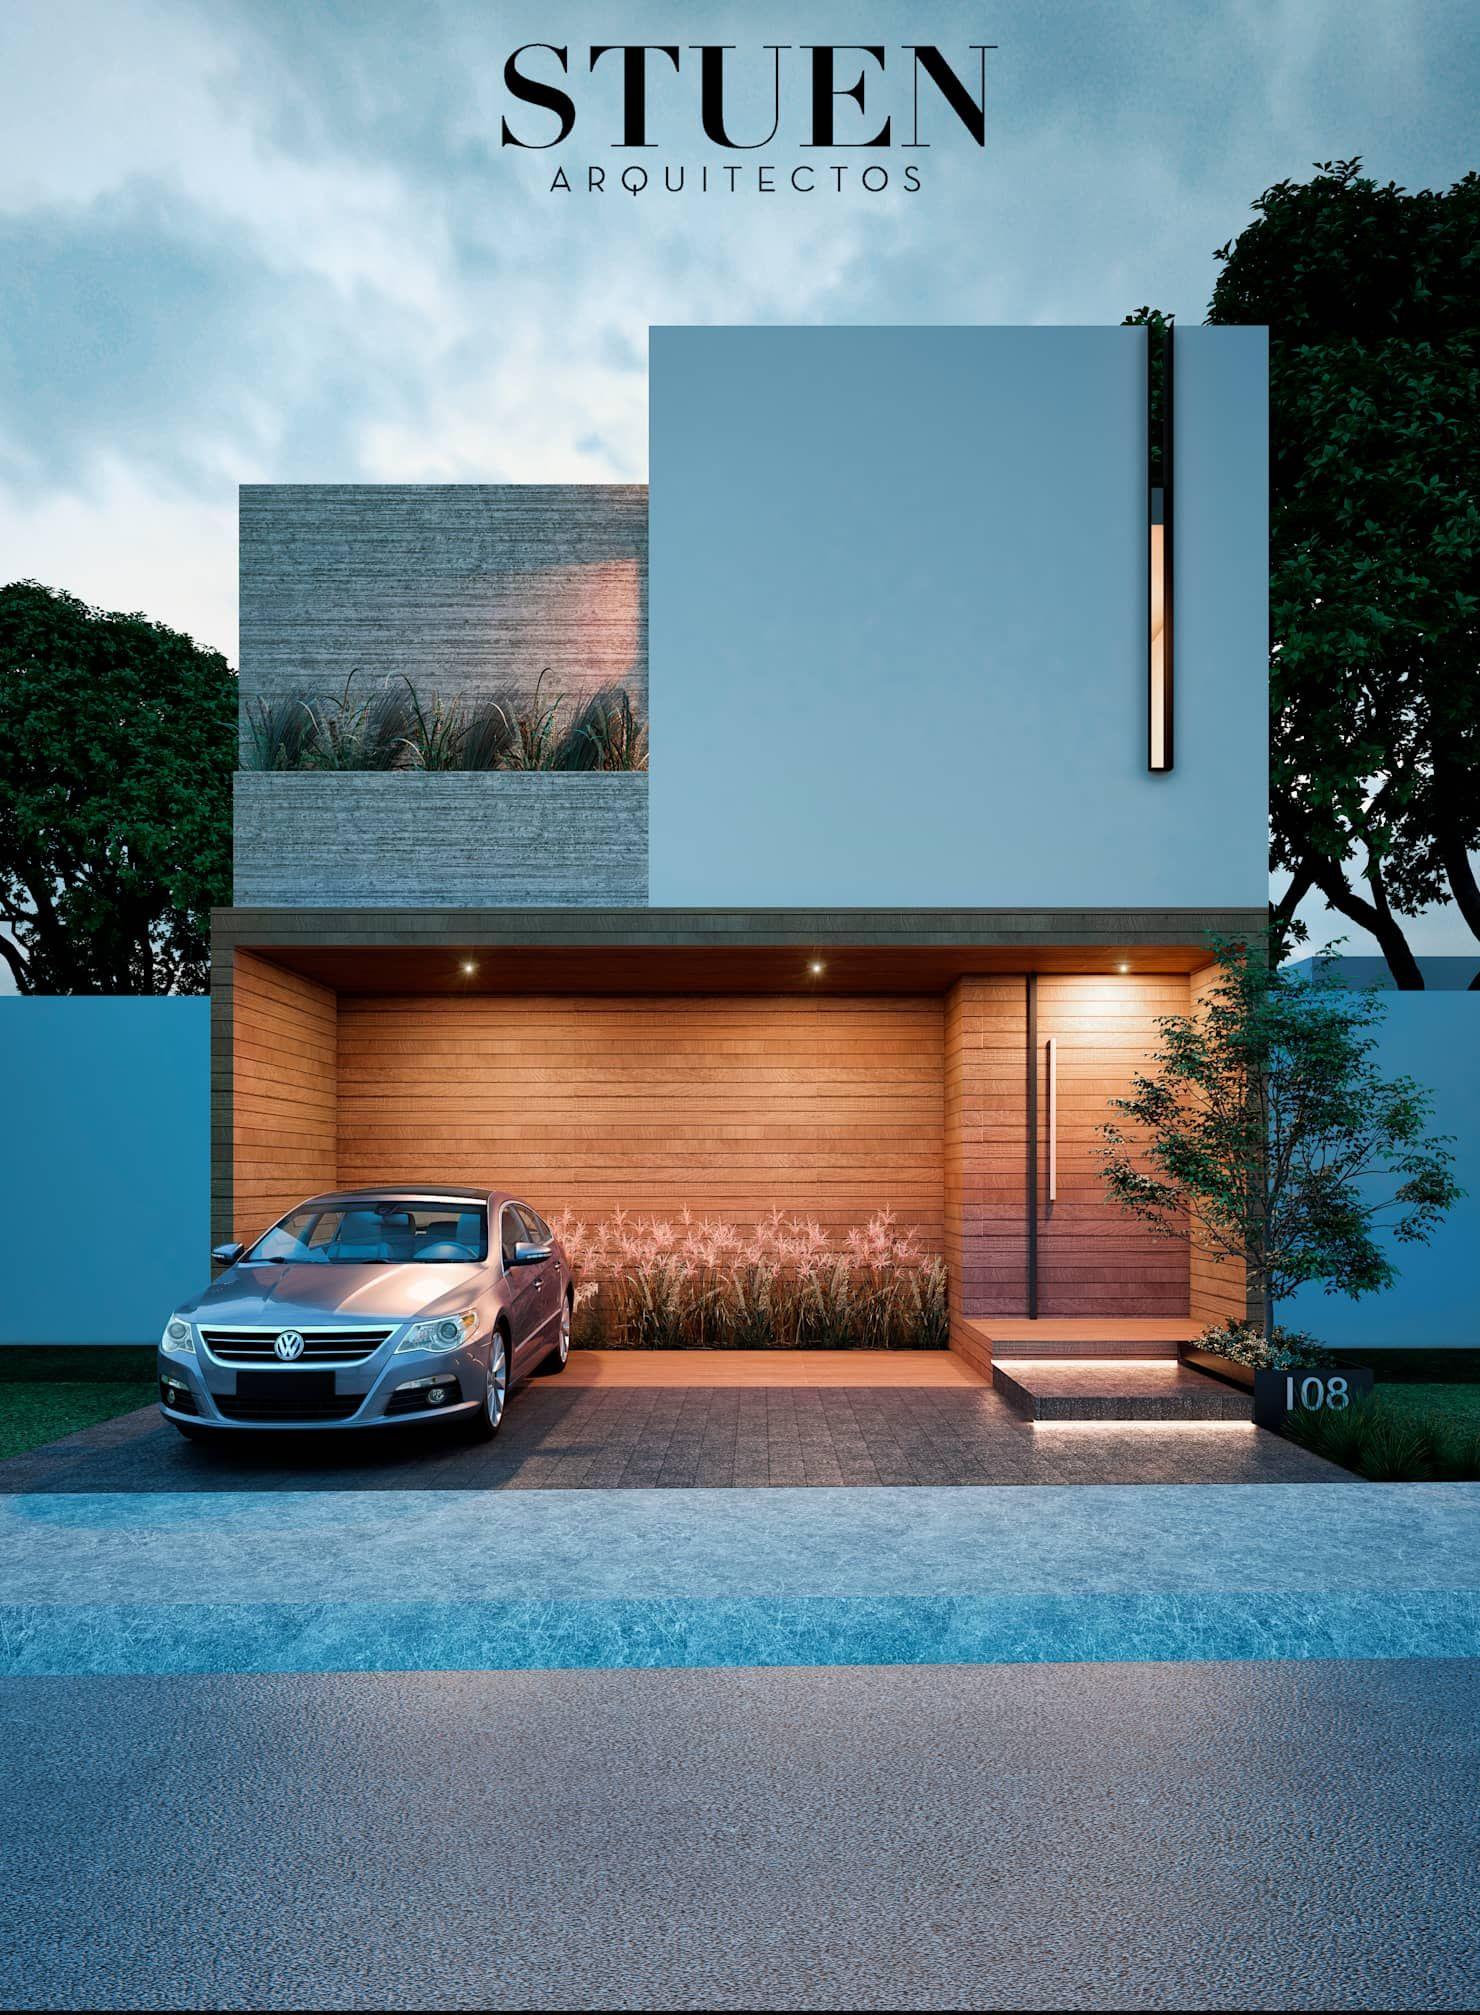 Arquitectura Fachadas De Casas Modernas Casas Modernas: Fachada Frontal De Stuen Arquitectos Moderno Madera Acabado En Madera En 2020